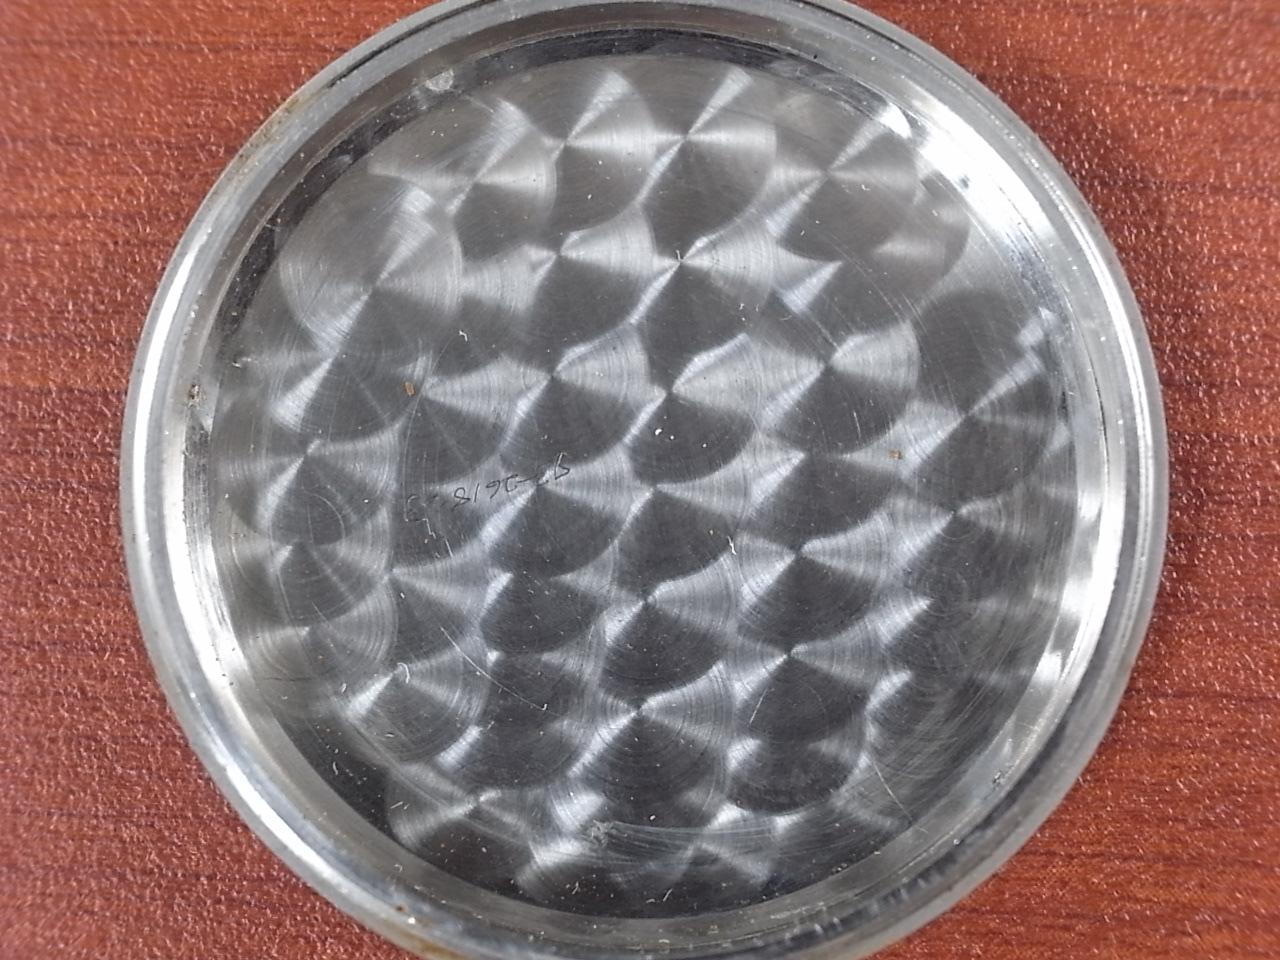 ミネルバ トリプルカレンダークロノグラフ Cal.バルジュー72C 1950年代の写真6枚目